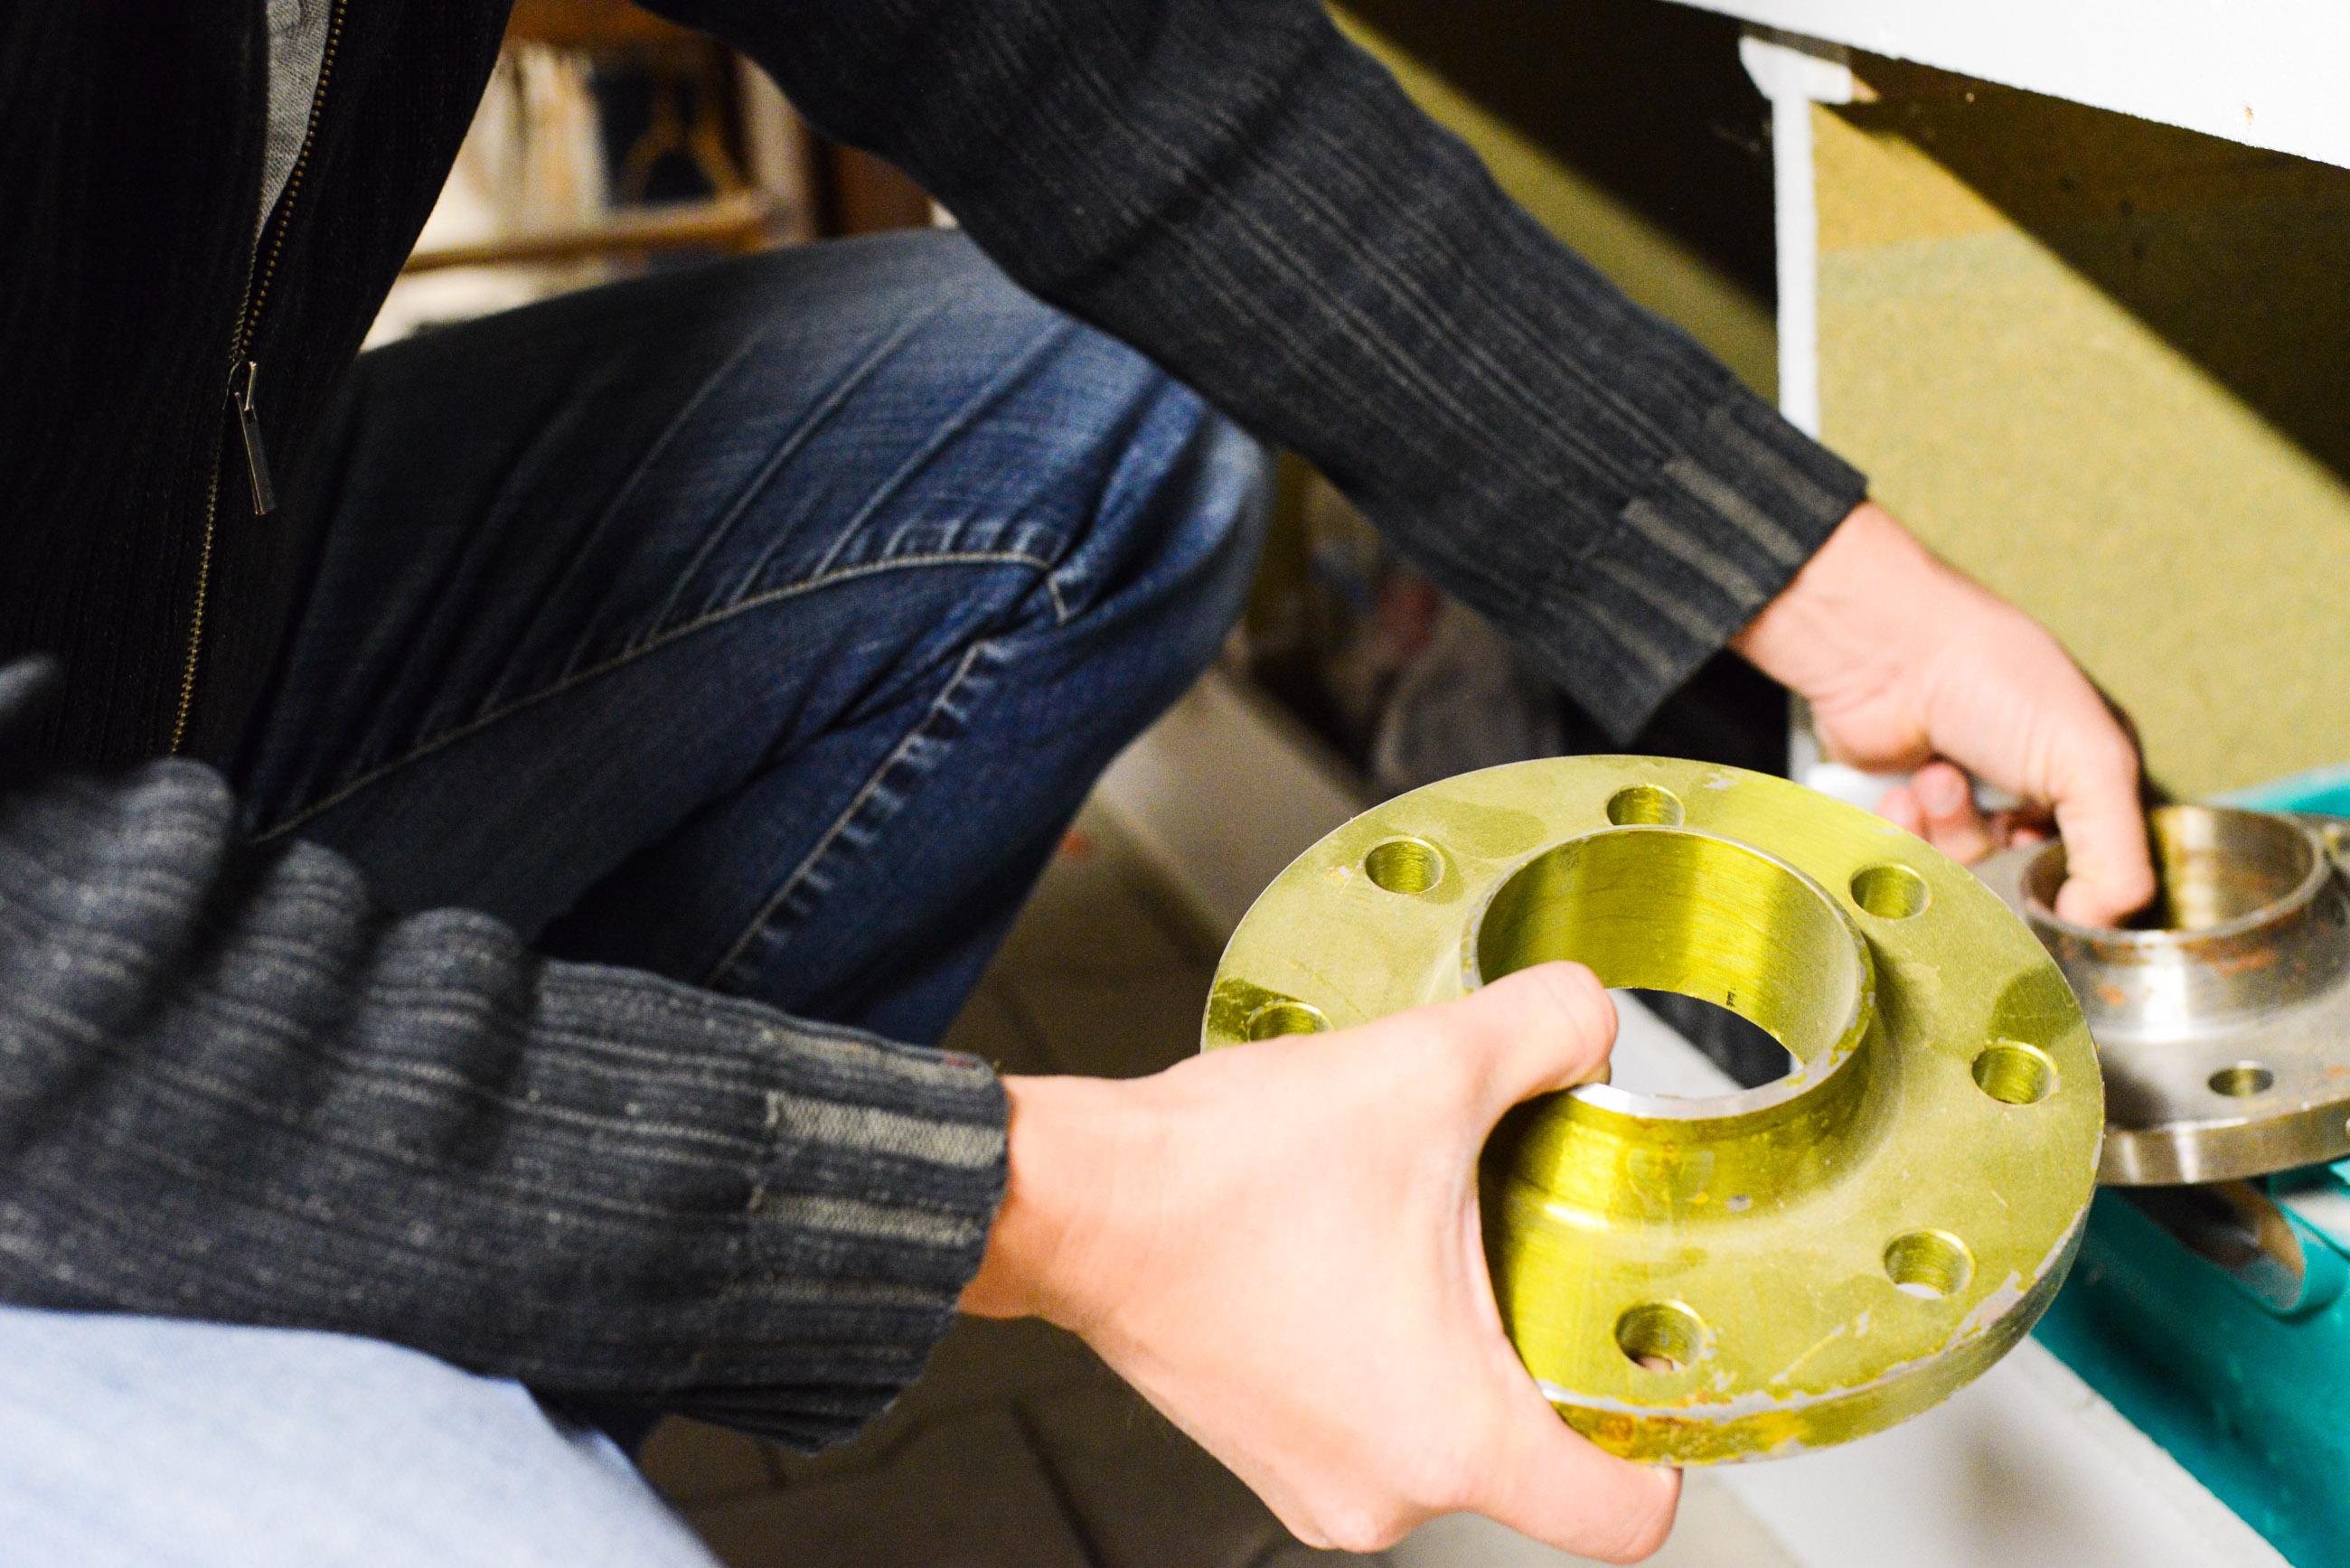 Une équipe de professionnels de la plomberie, du chauffage, de la zinguerie, de la climatisation et de la ventilation, dans l'Hérault, à Gignac